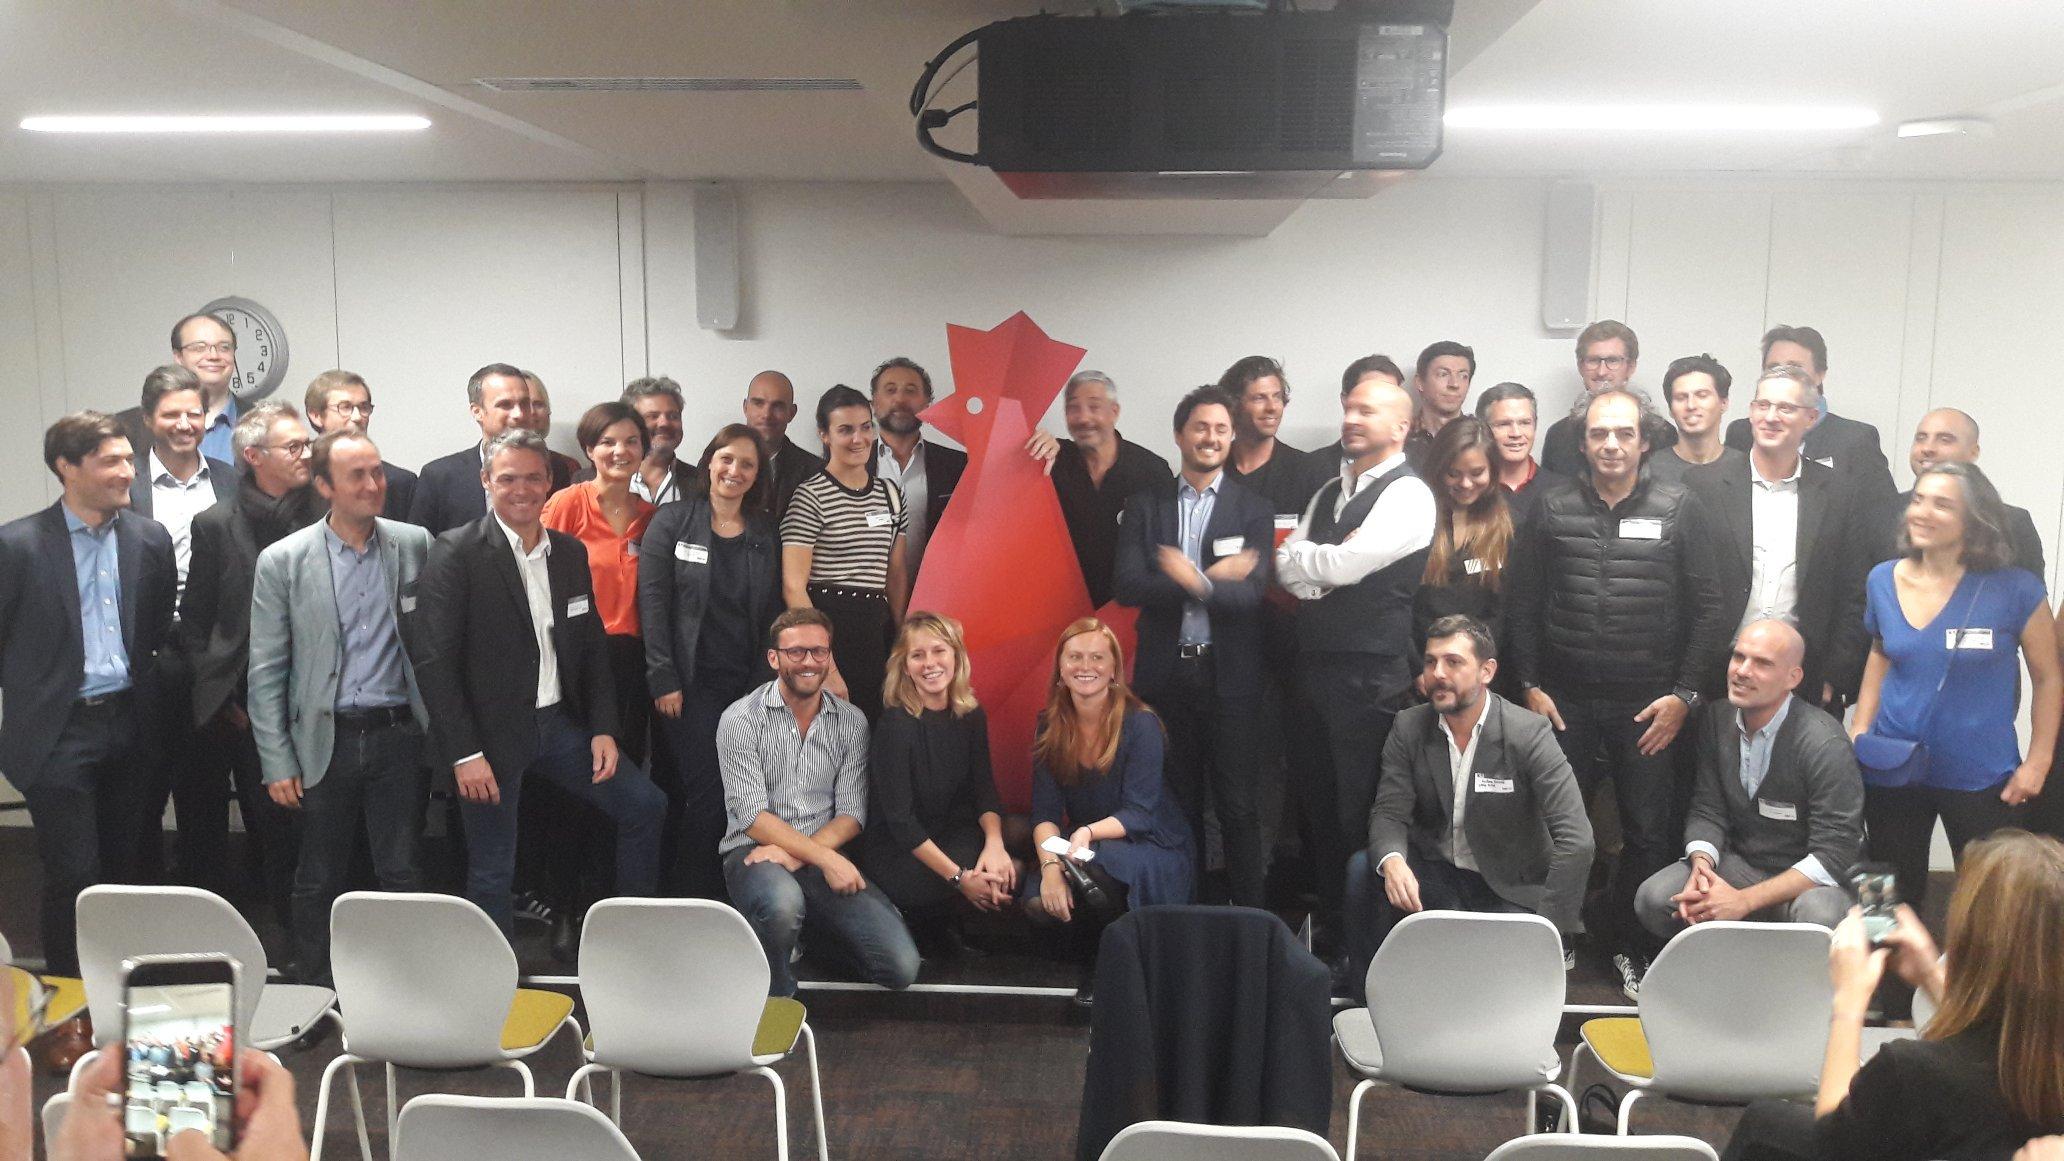 Les 22 startups sélectionnées pour le NRF 2020